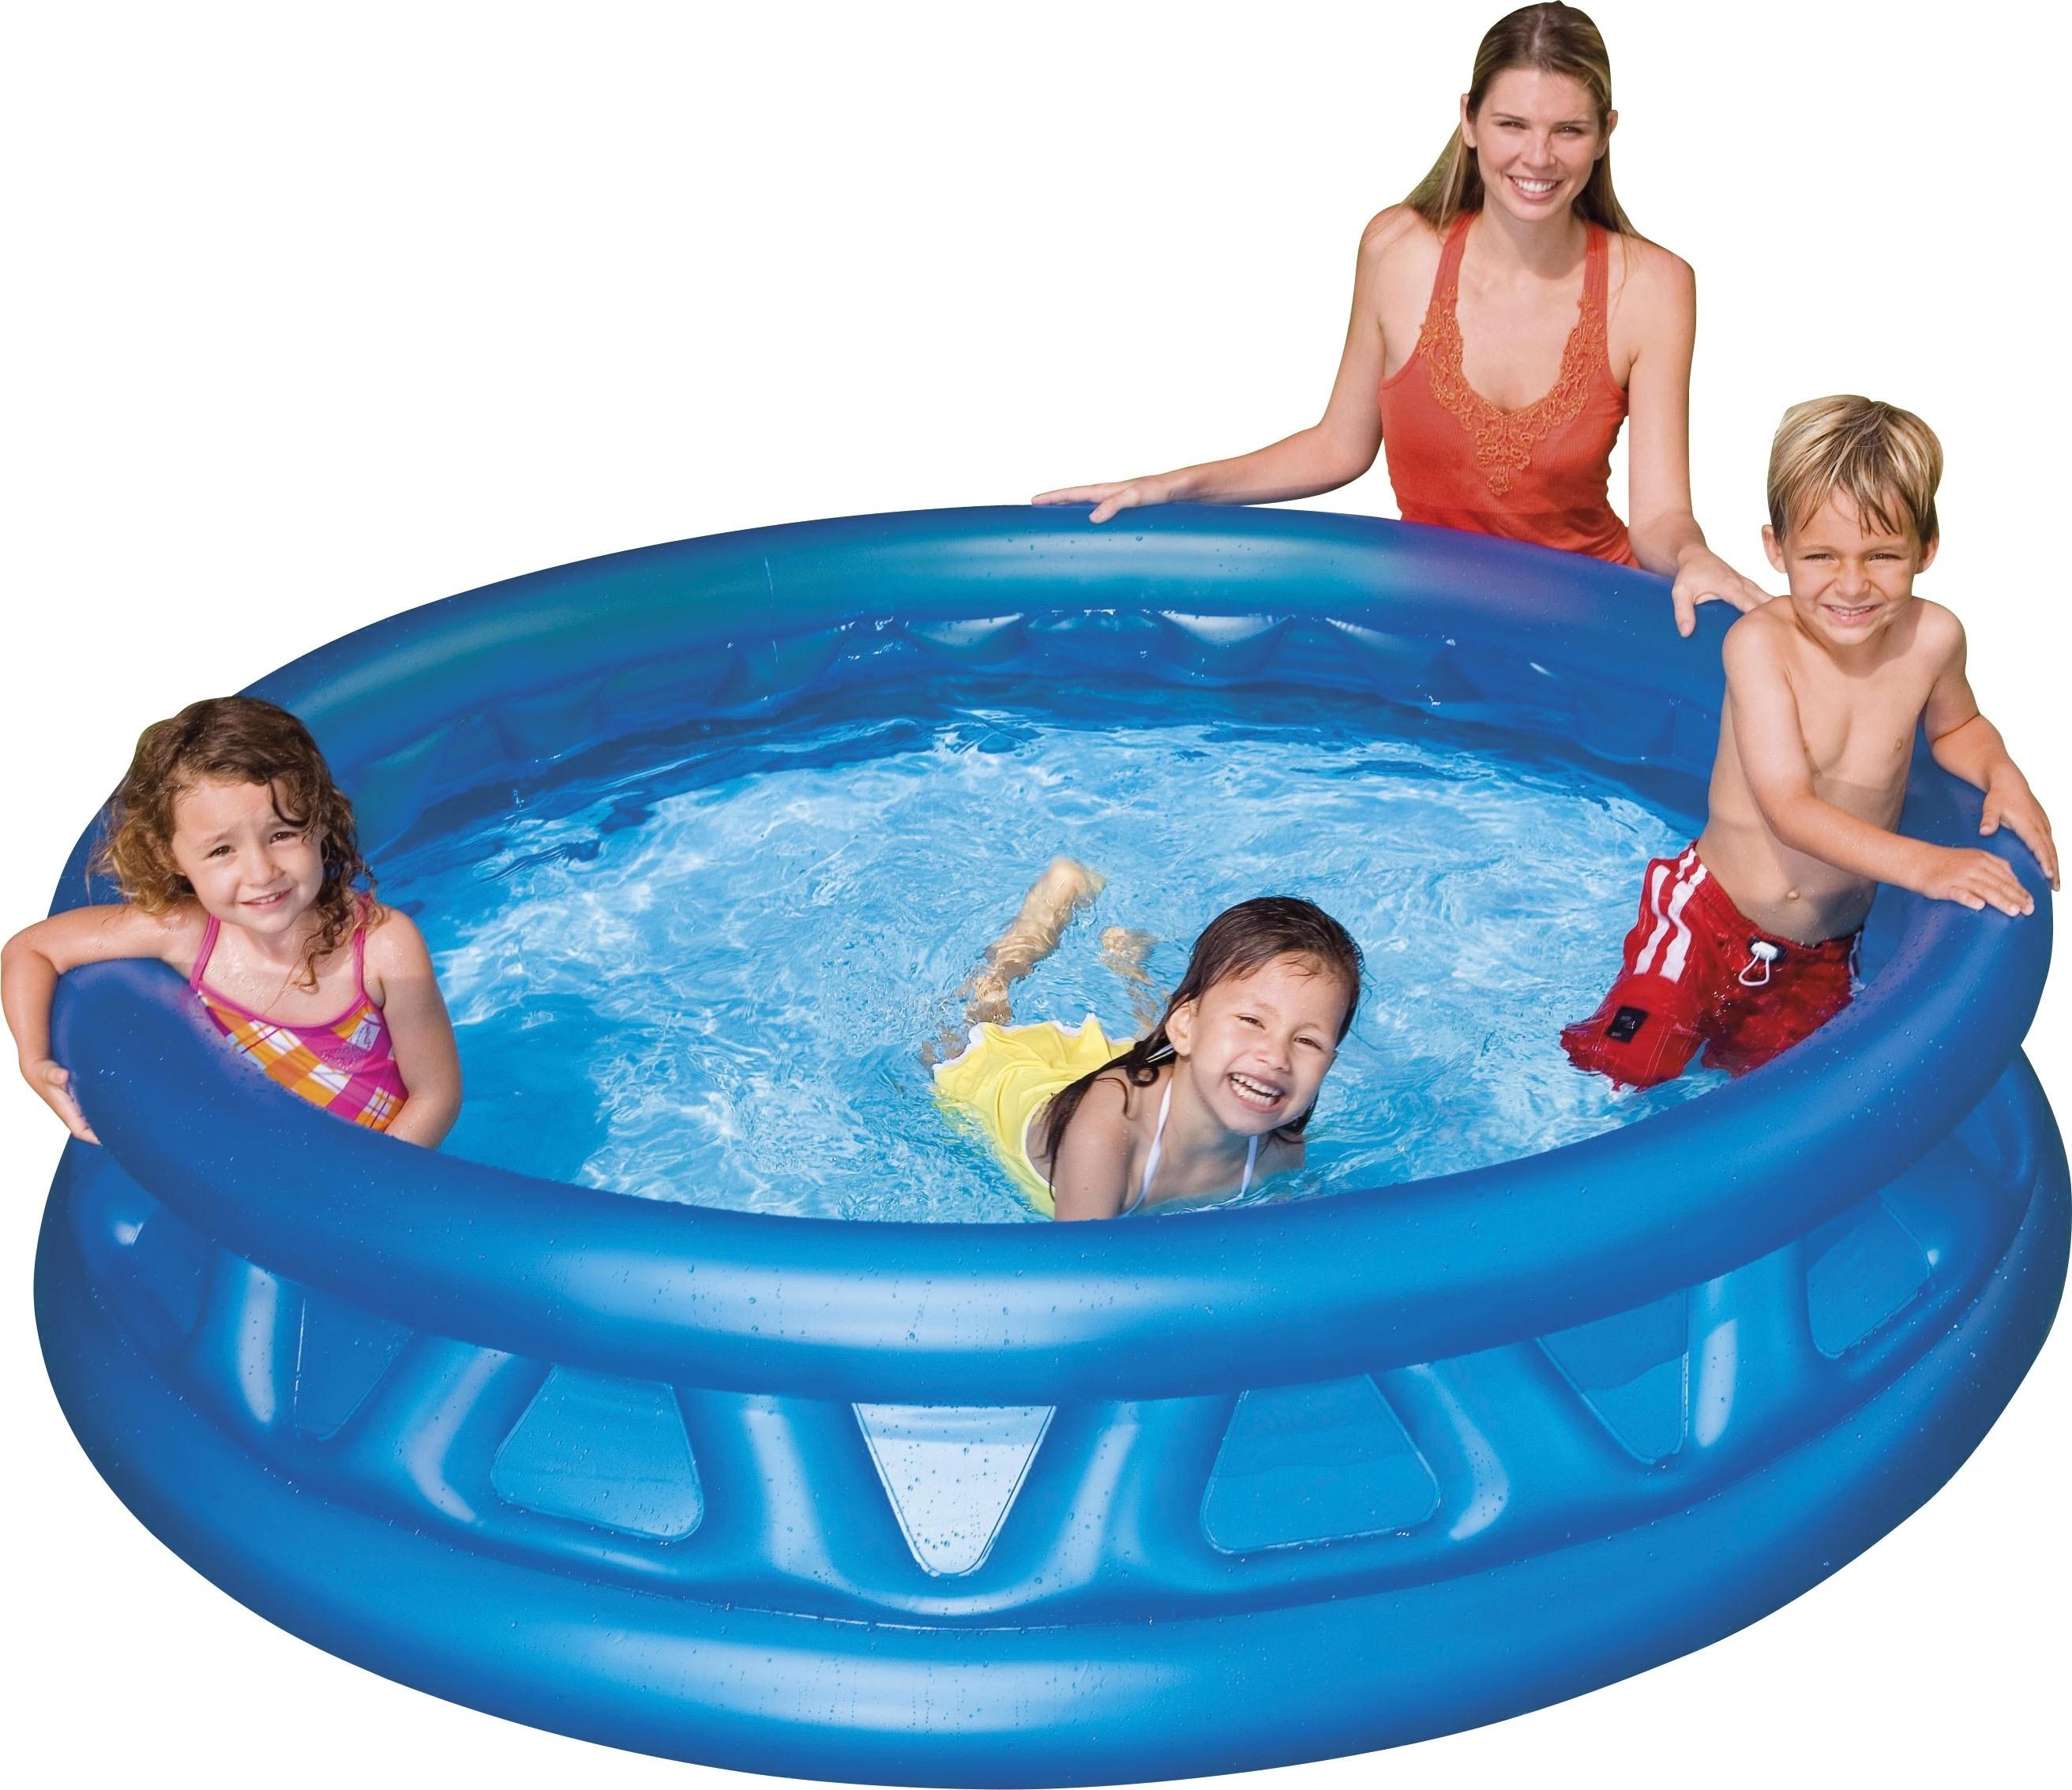 Φουσκωτή παιδική πισίνα Ø188cm  Intex Soft Side 58431